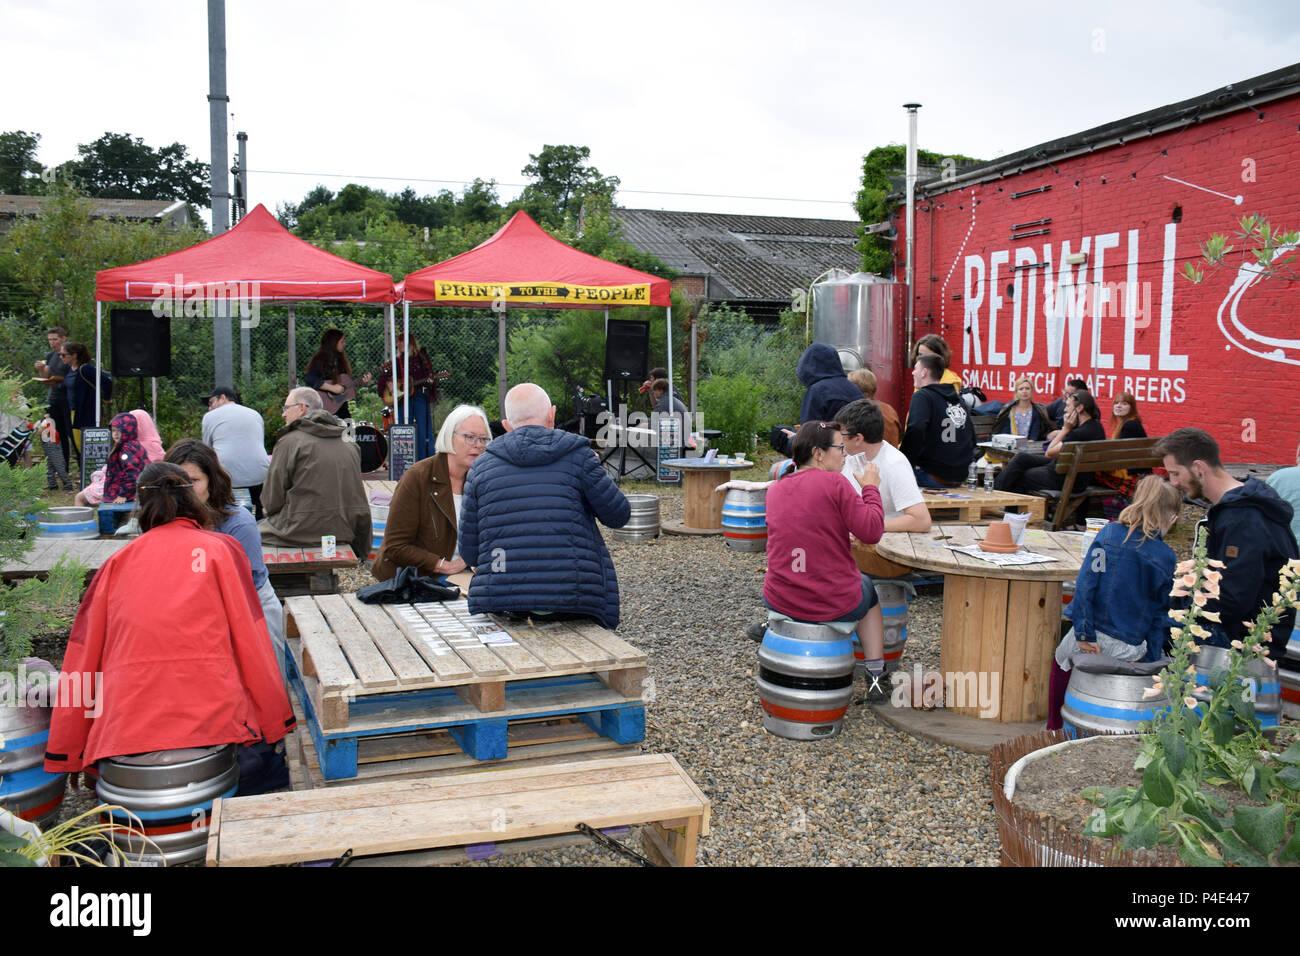 Cervecería Redwell Car Boot Art Fair, festival anual en el lucimiento de los artistas locales. Norwich, junio de 2018 Imagen De Stock